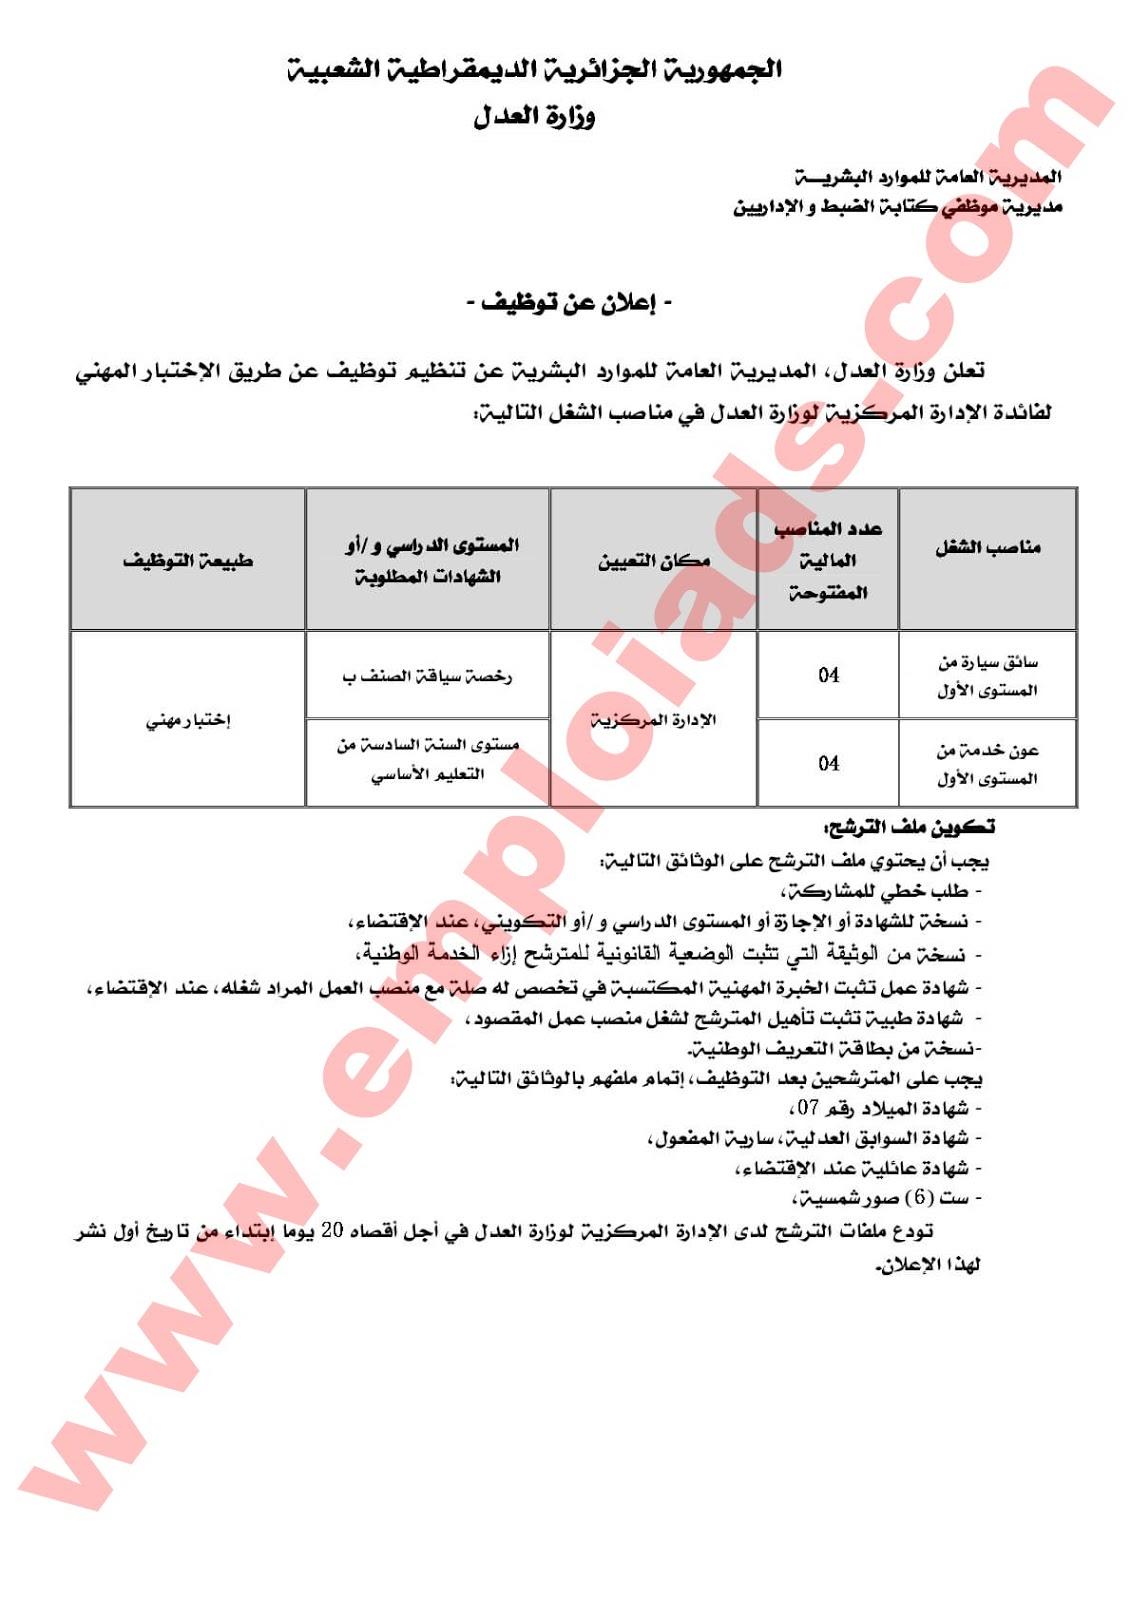 اعلان عن توظيف لفائدة الادارة المركزية لوزارة العدل جانفي 2017